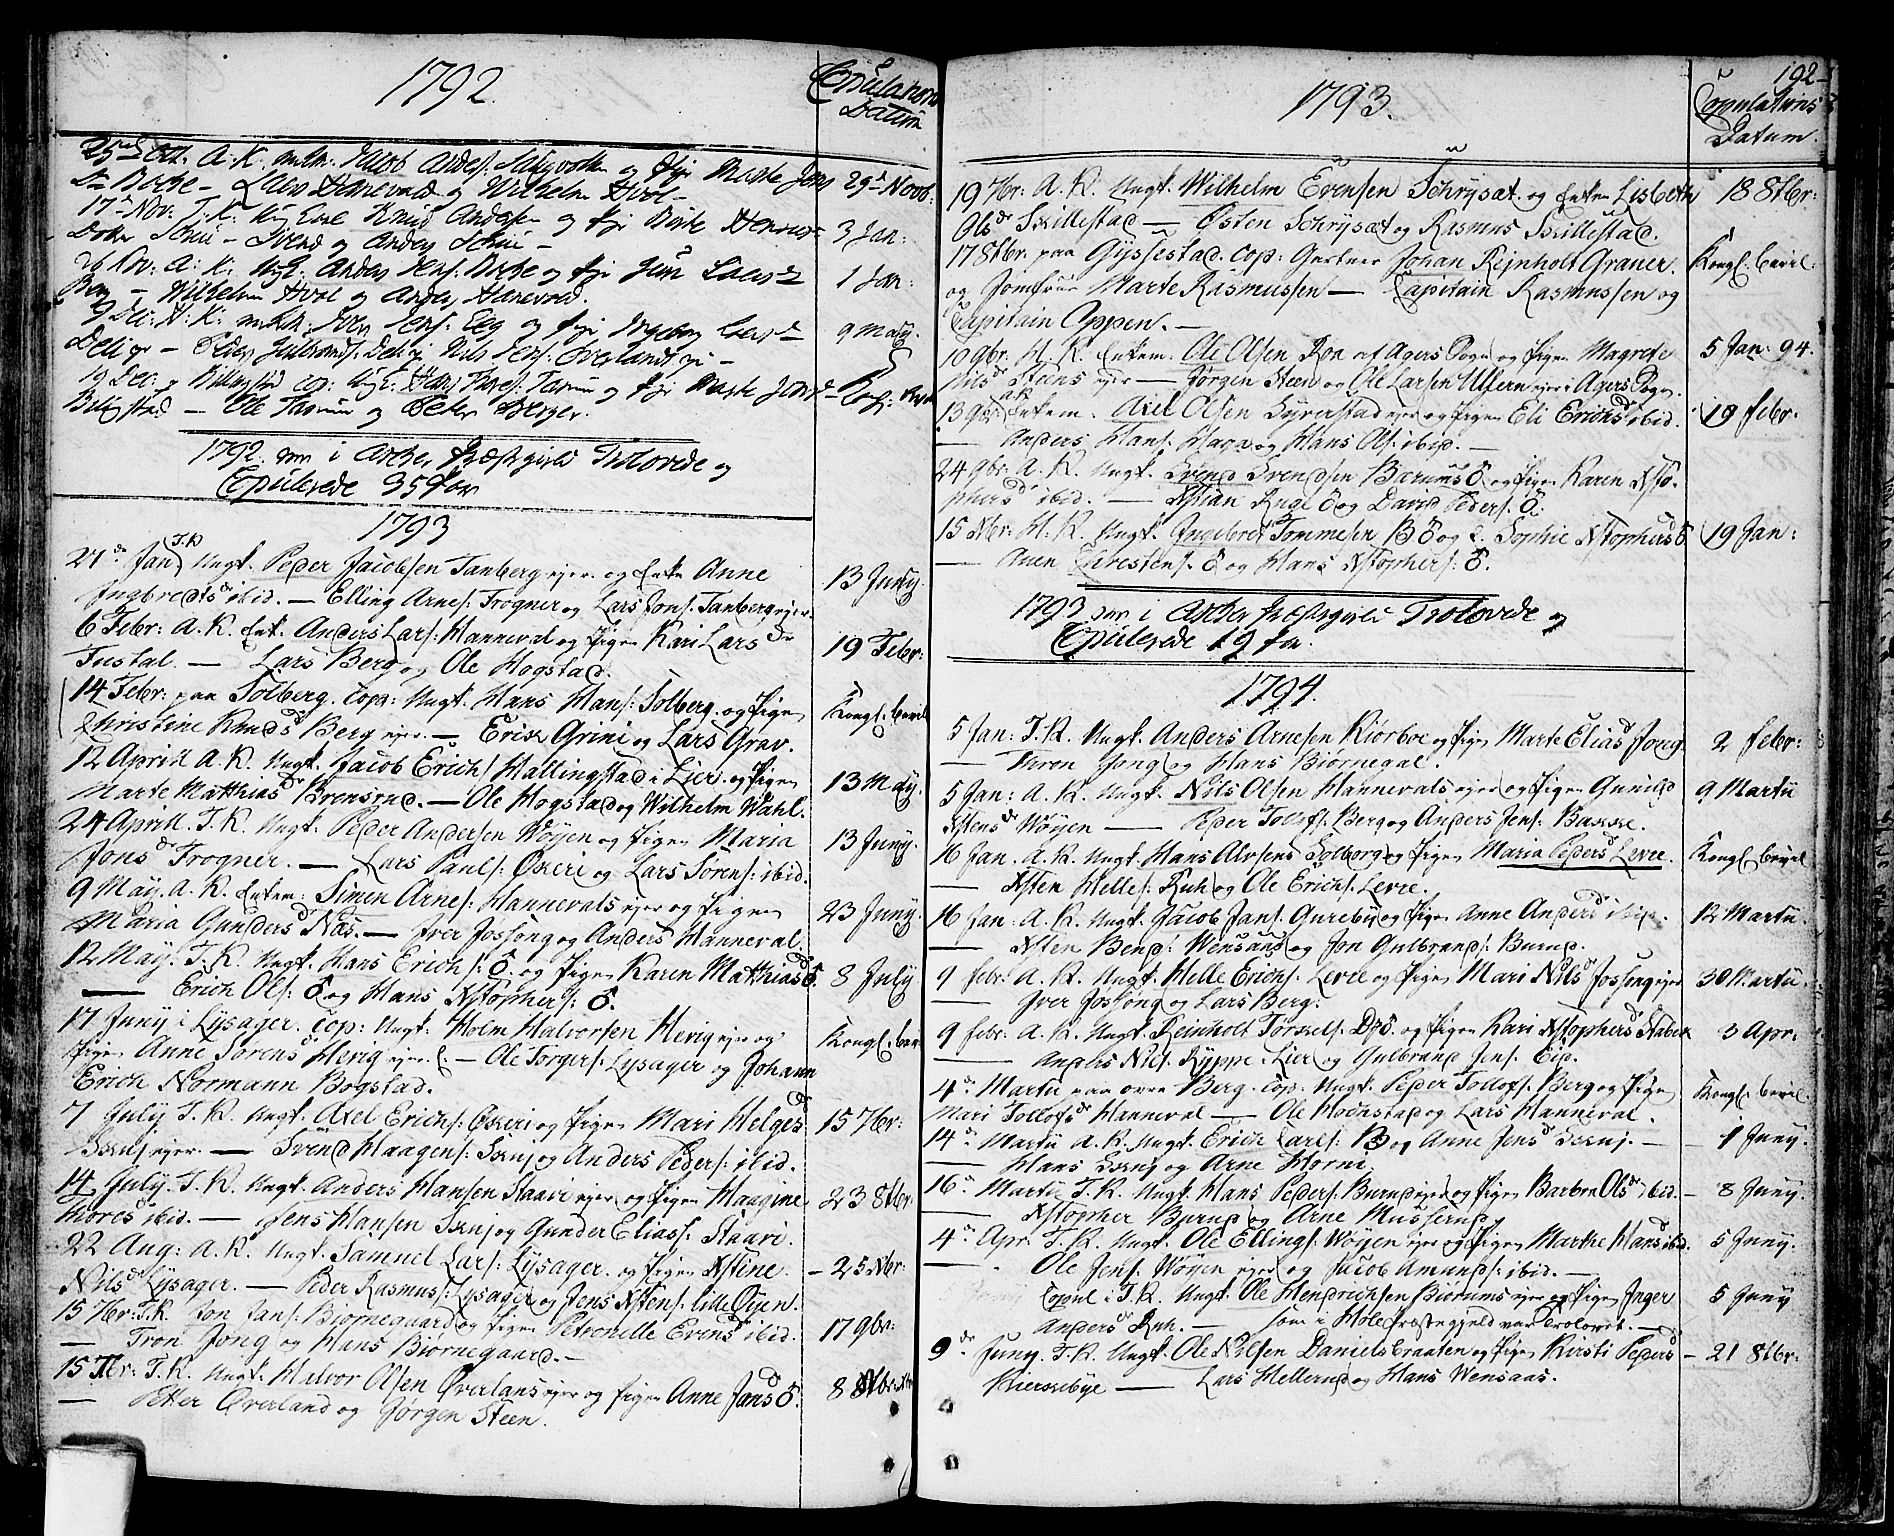 SAO, Asker prestekontor Kirkebøker, F/Fa/L0003: Ministerialbok nr. I 3, 1767-1807, s. 192